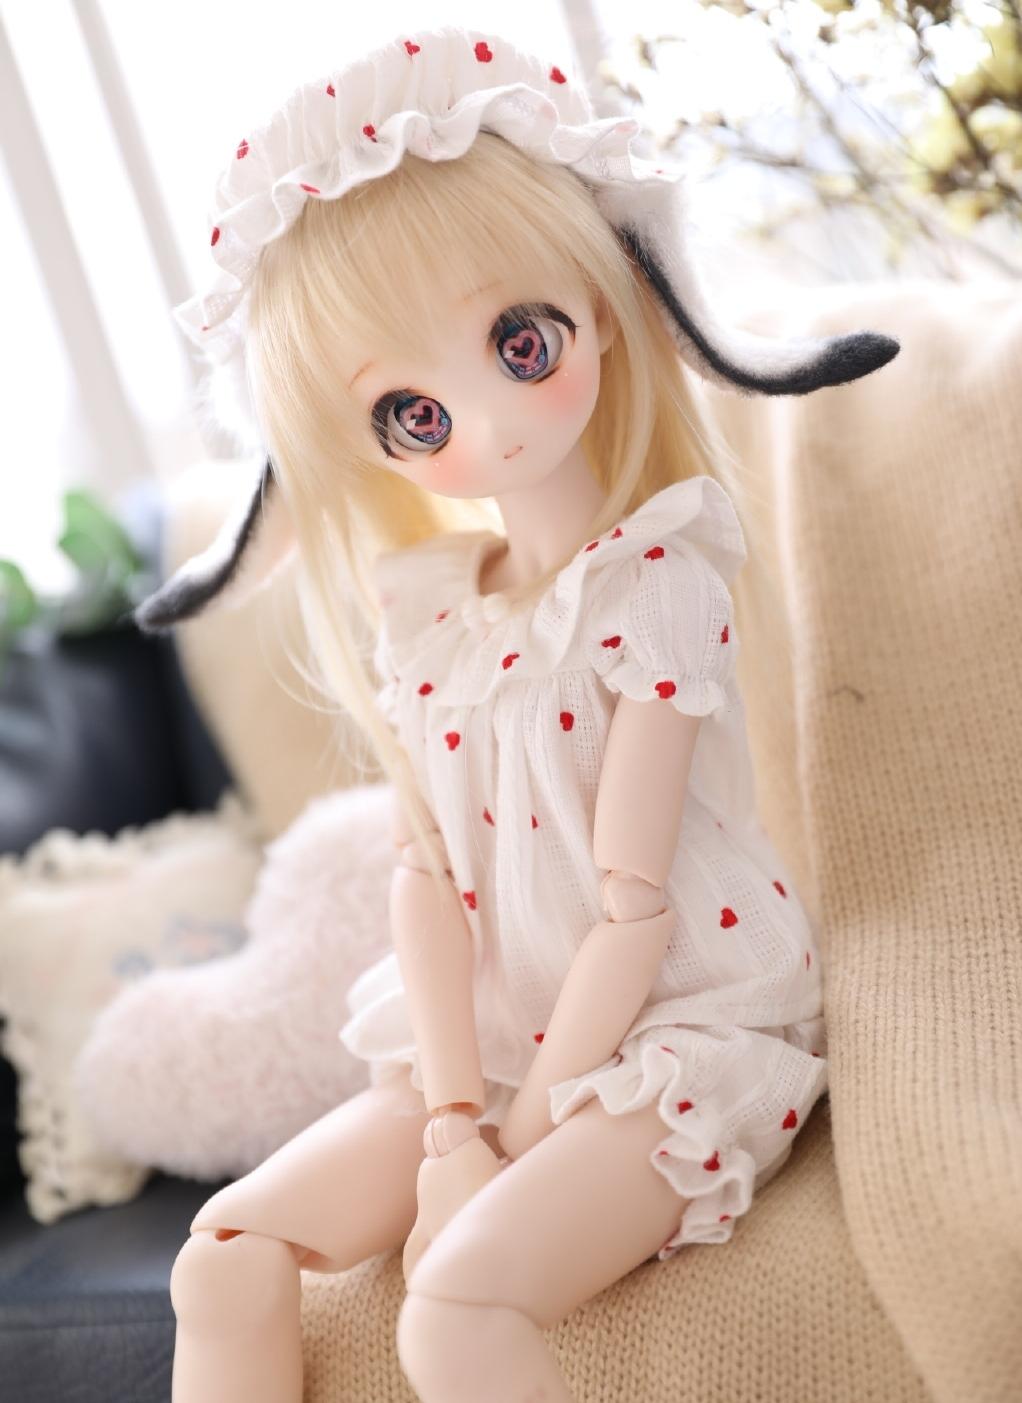 Anime-face-Tuqiu_2.jpg